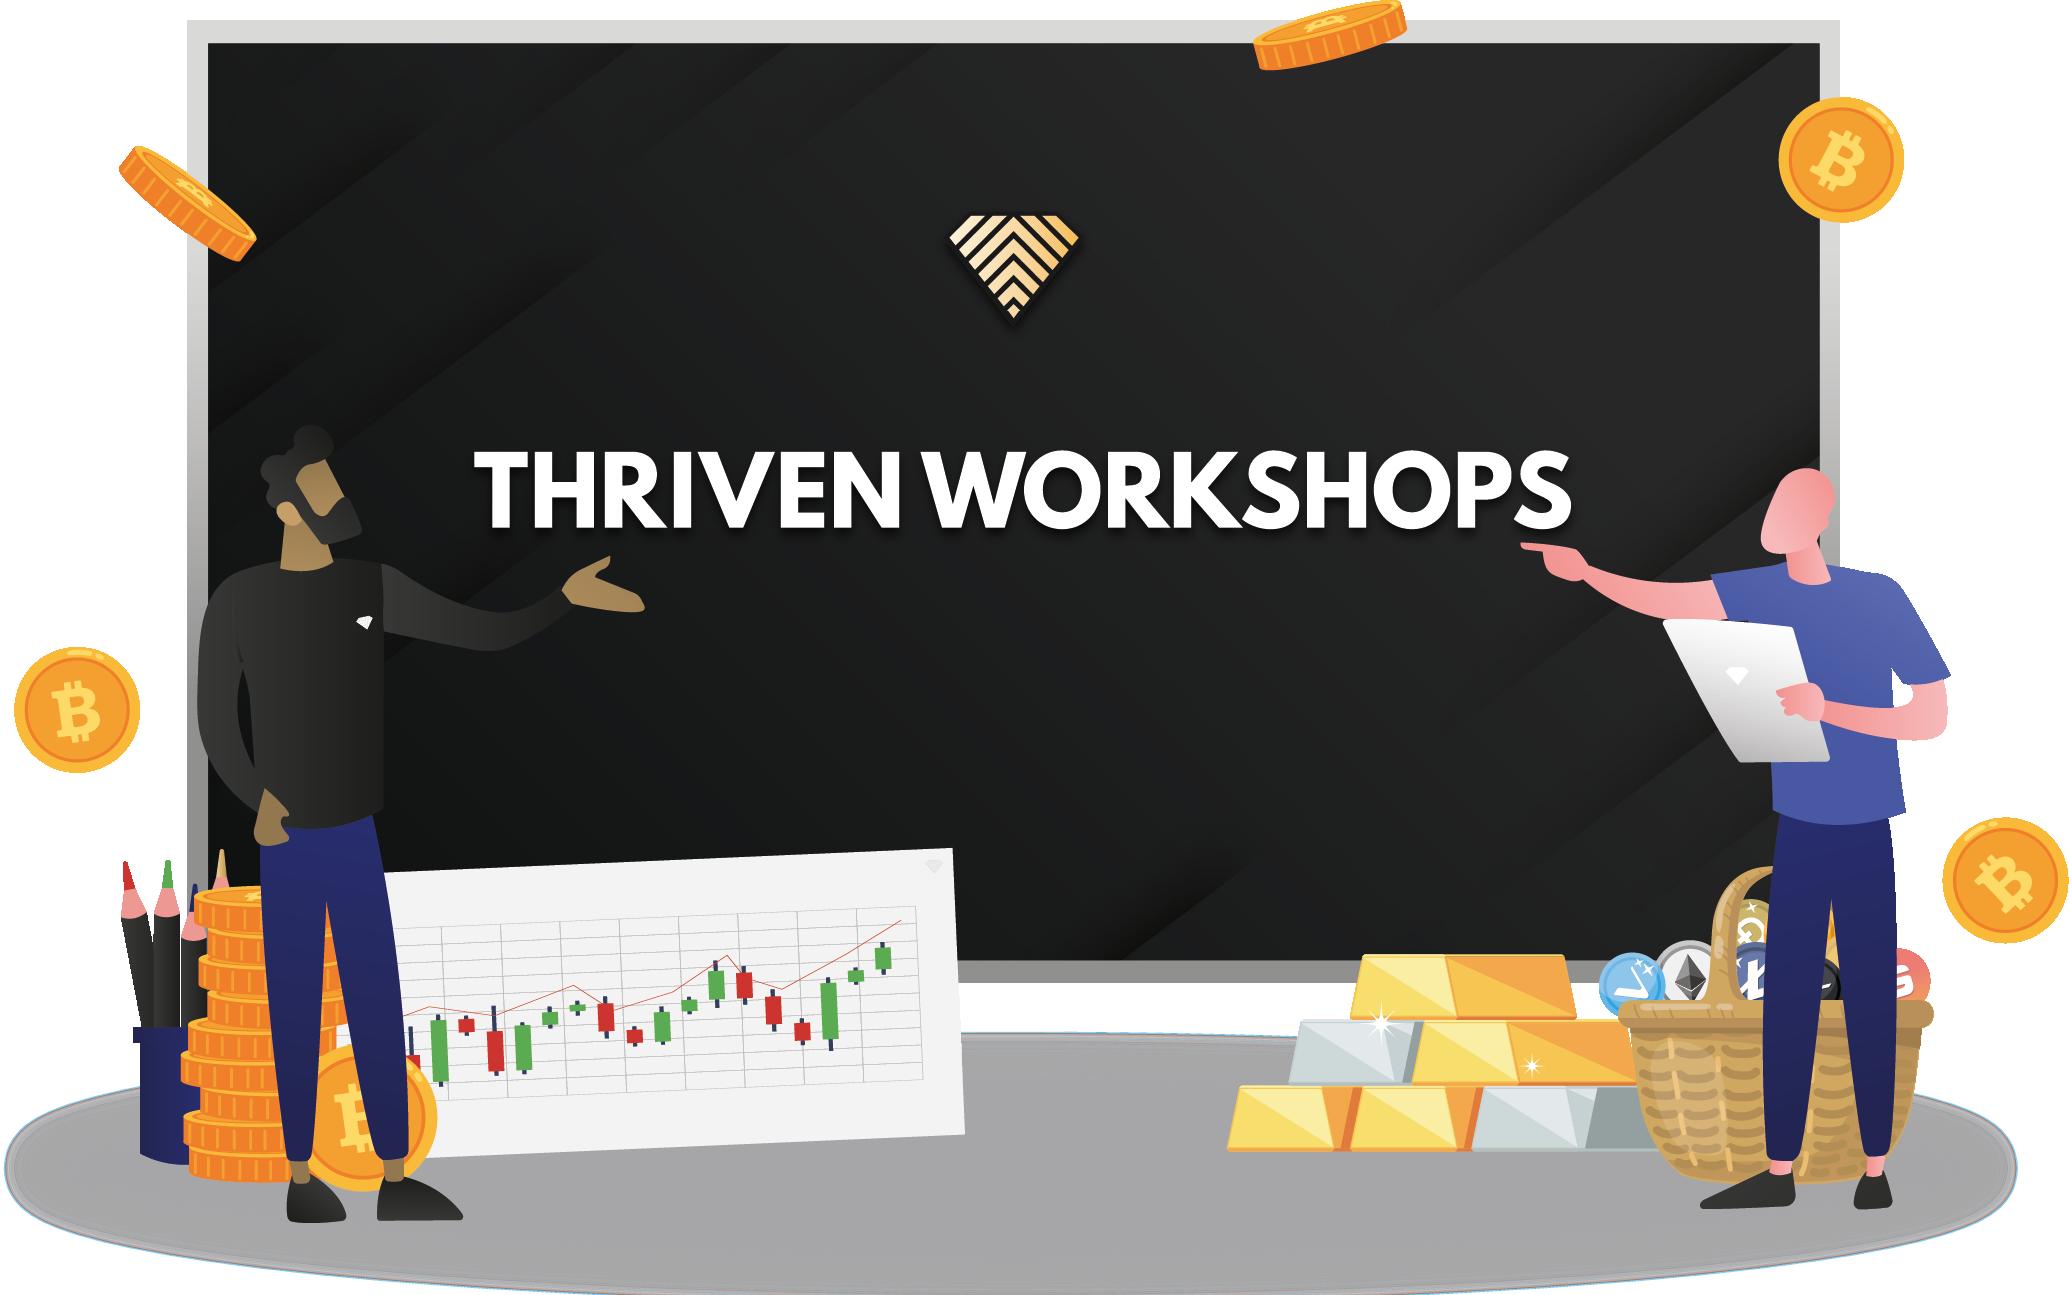 Thriven Workshops